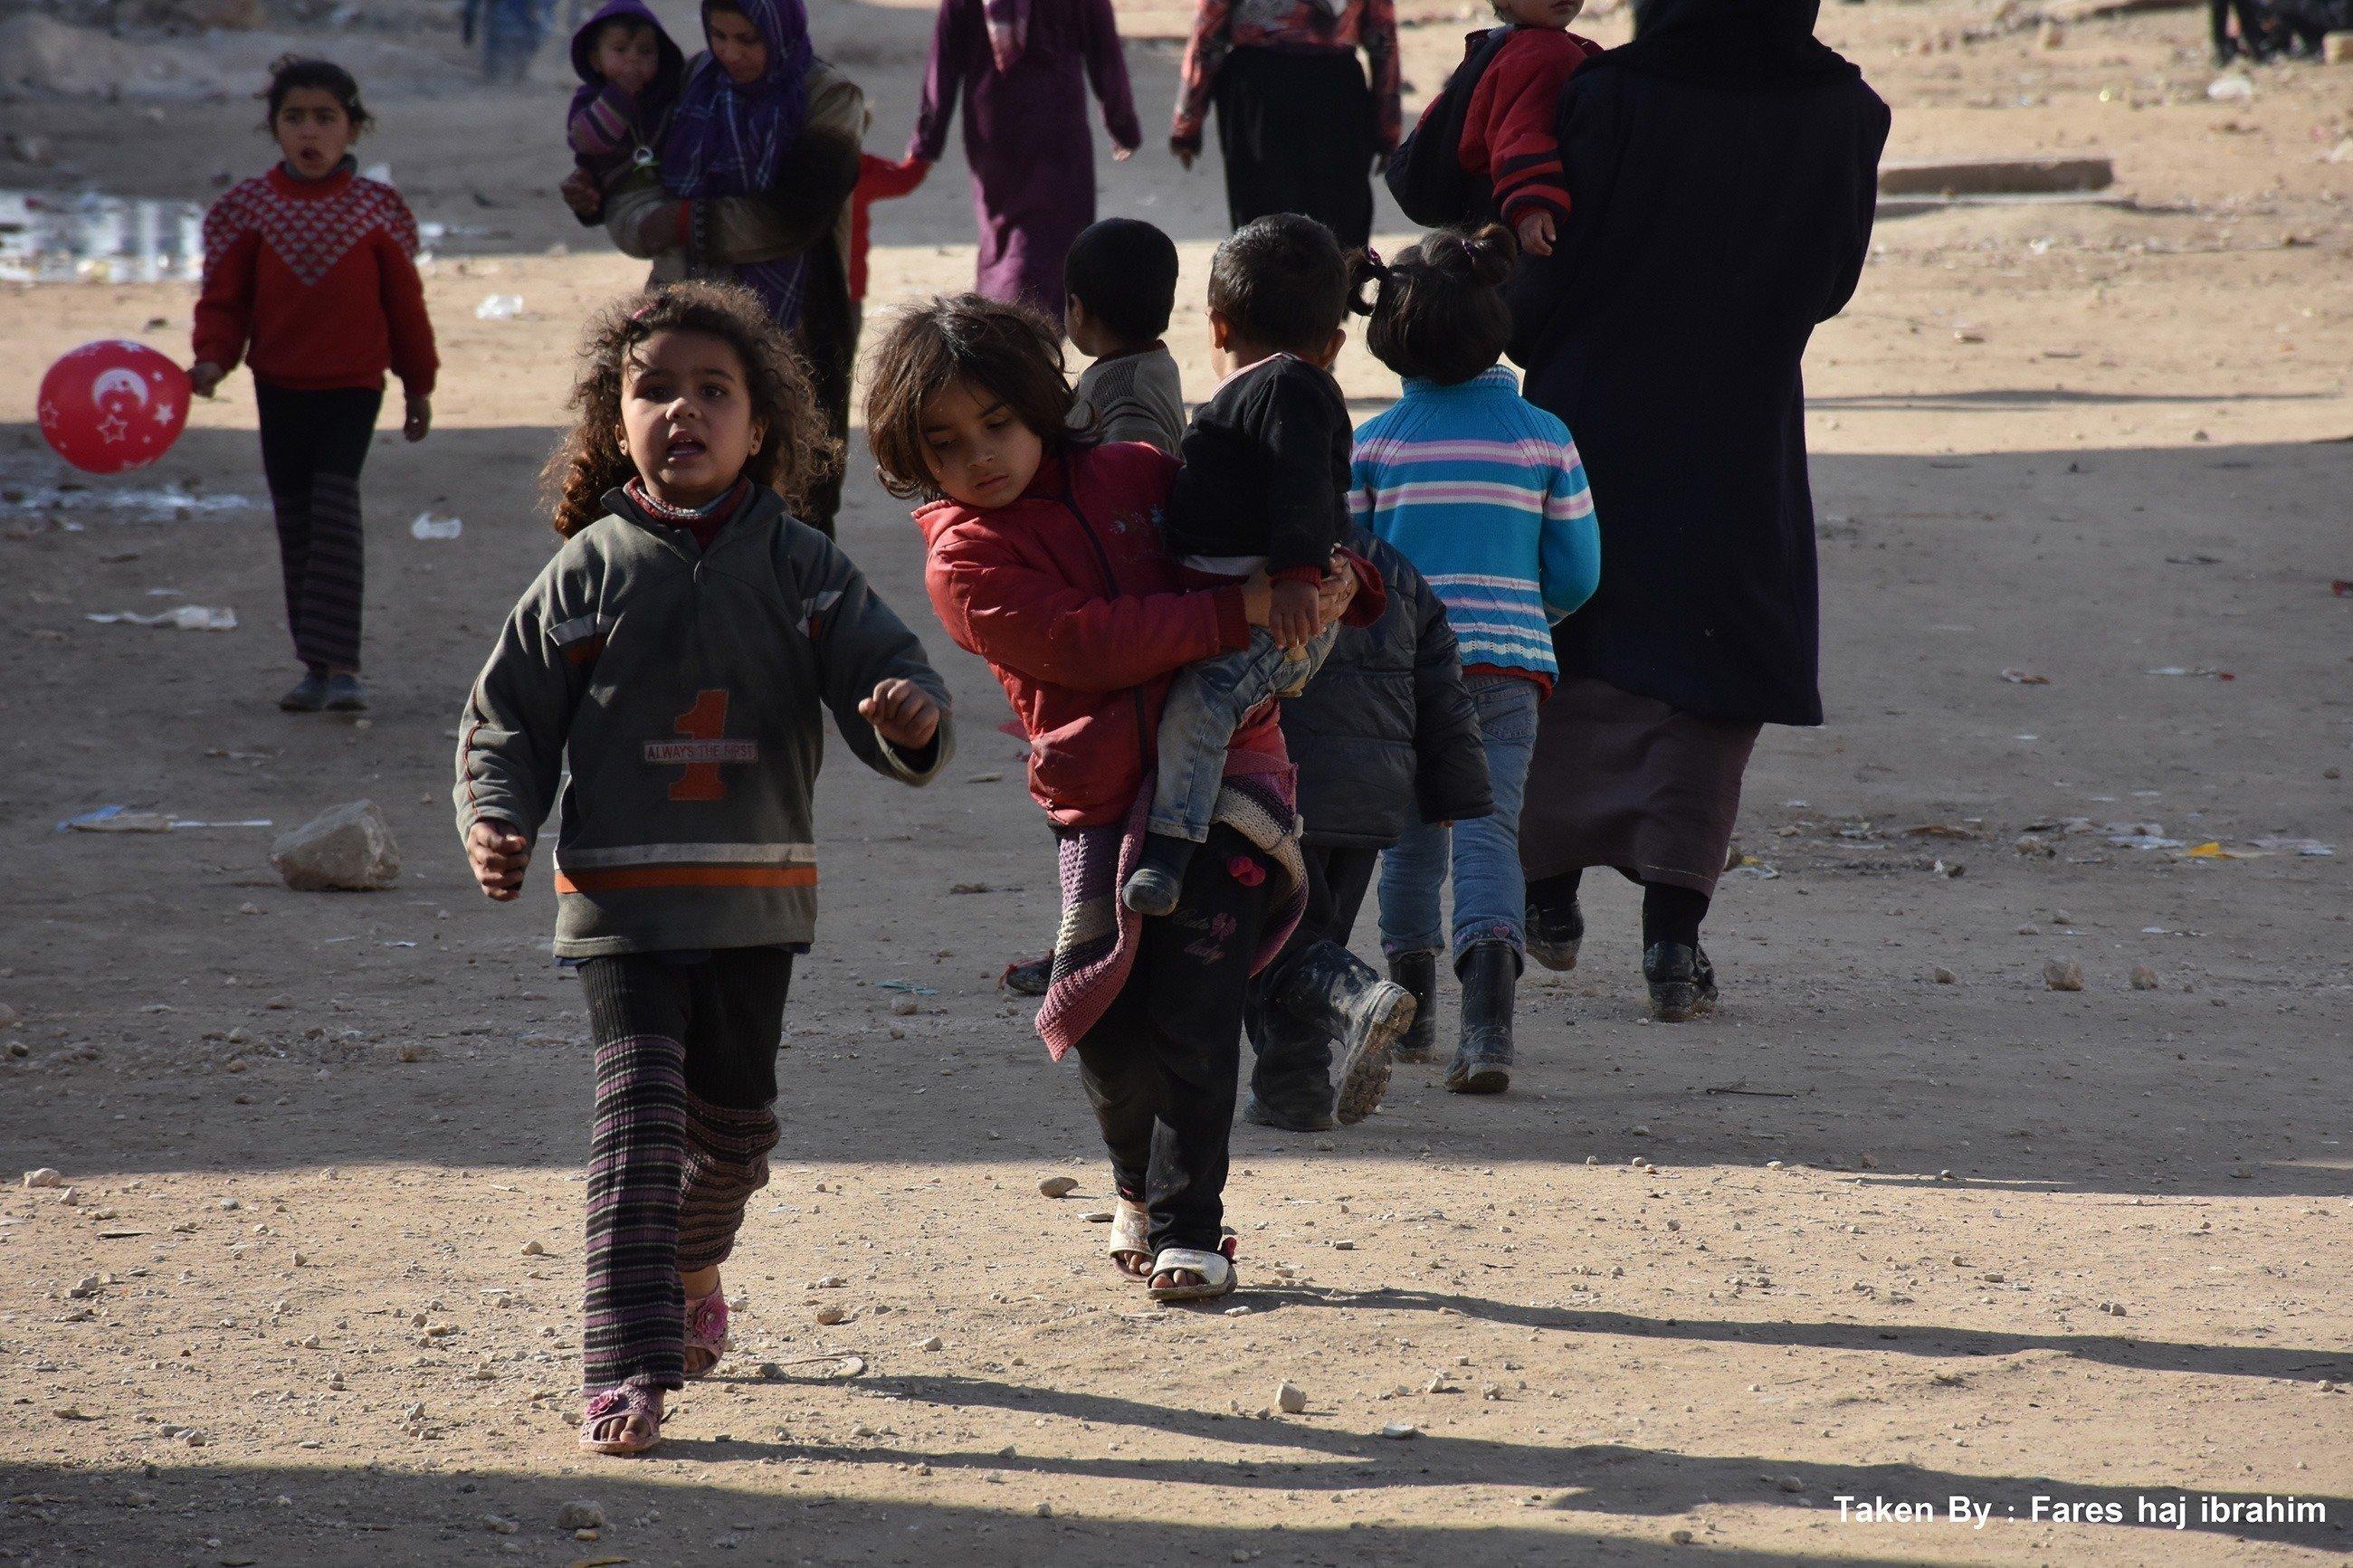 Bambini in strada.